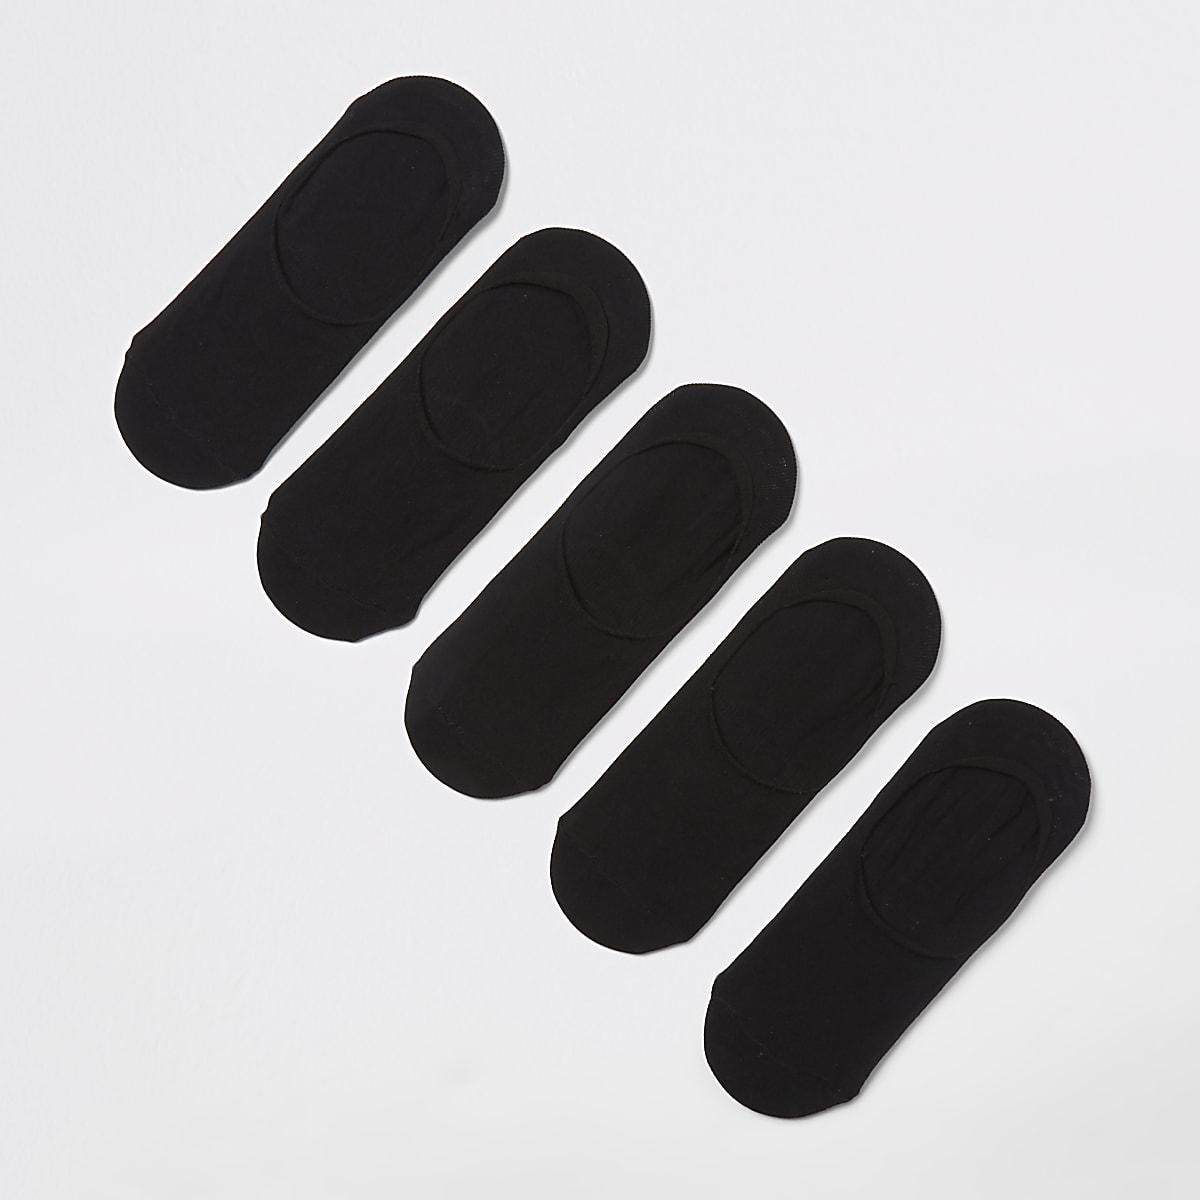 5 paar zwarte sportsokken